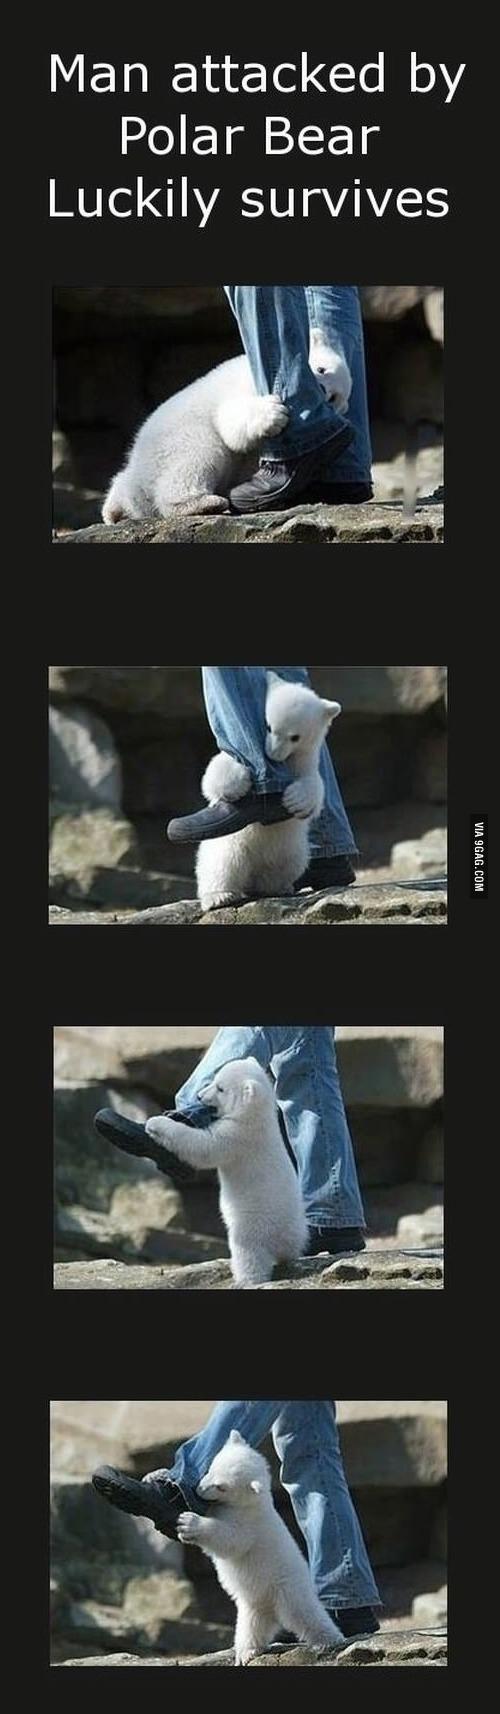 加拿大遊客遭受北極熊攻擊,奇蹟生還!1